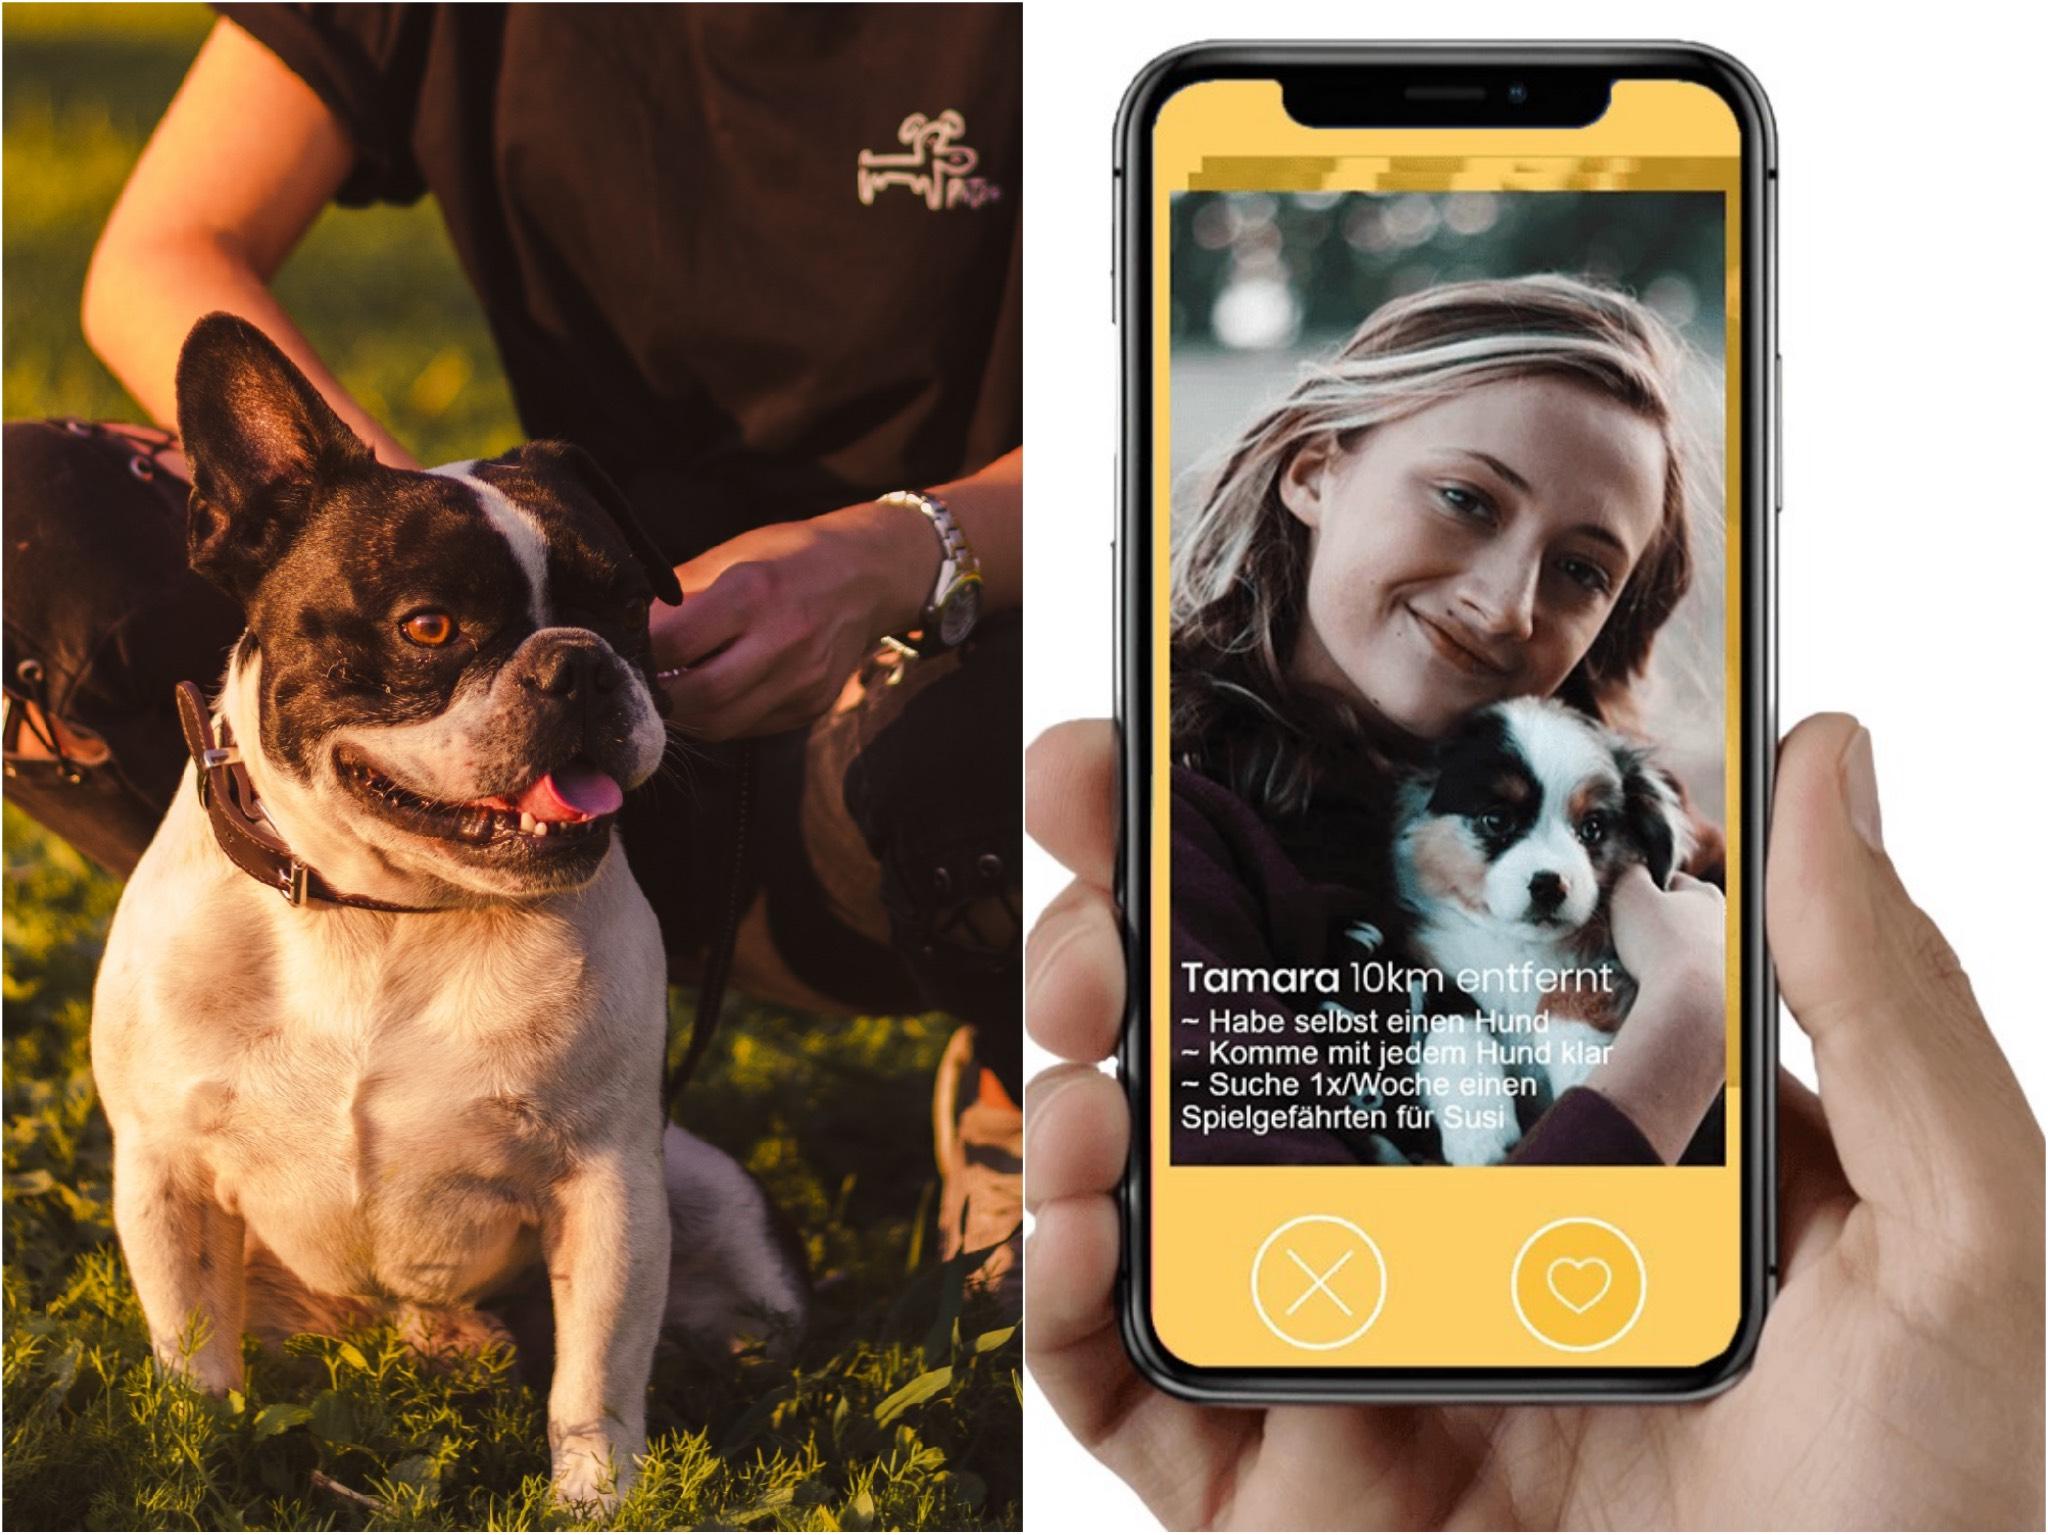 Die Hunde-App Patzo für alle Hundeliebhaber. Fotos: Felix Kox/Patzo